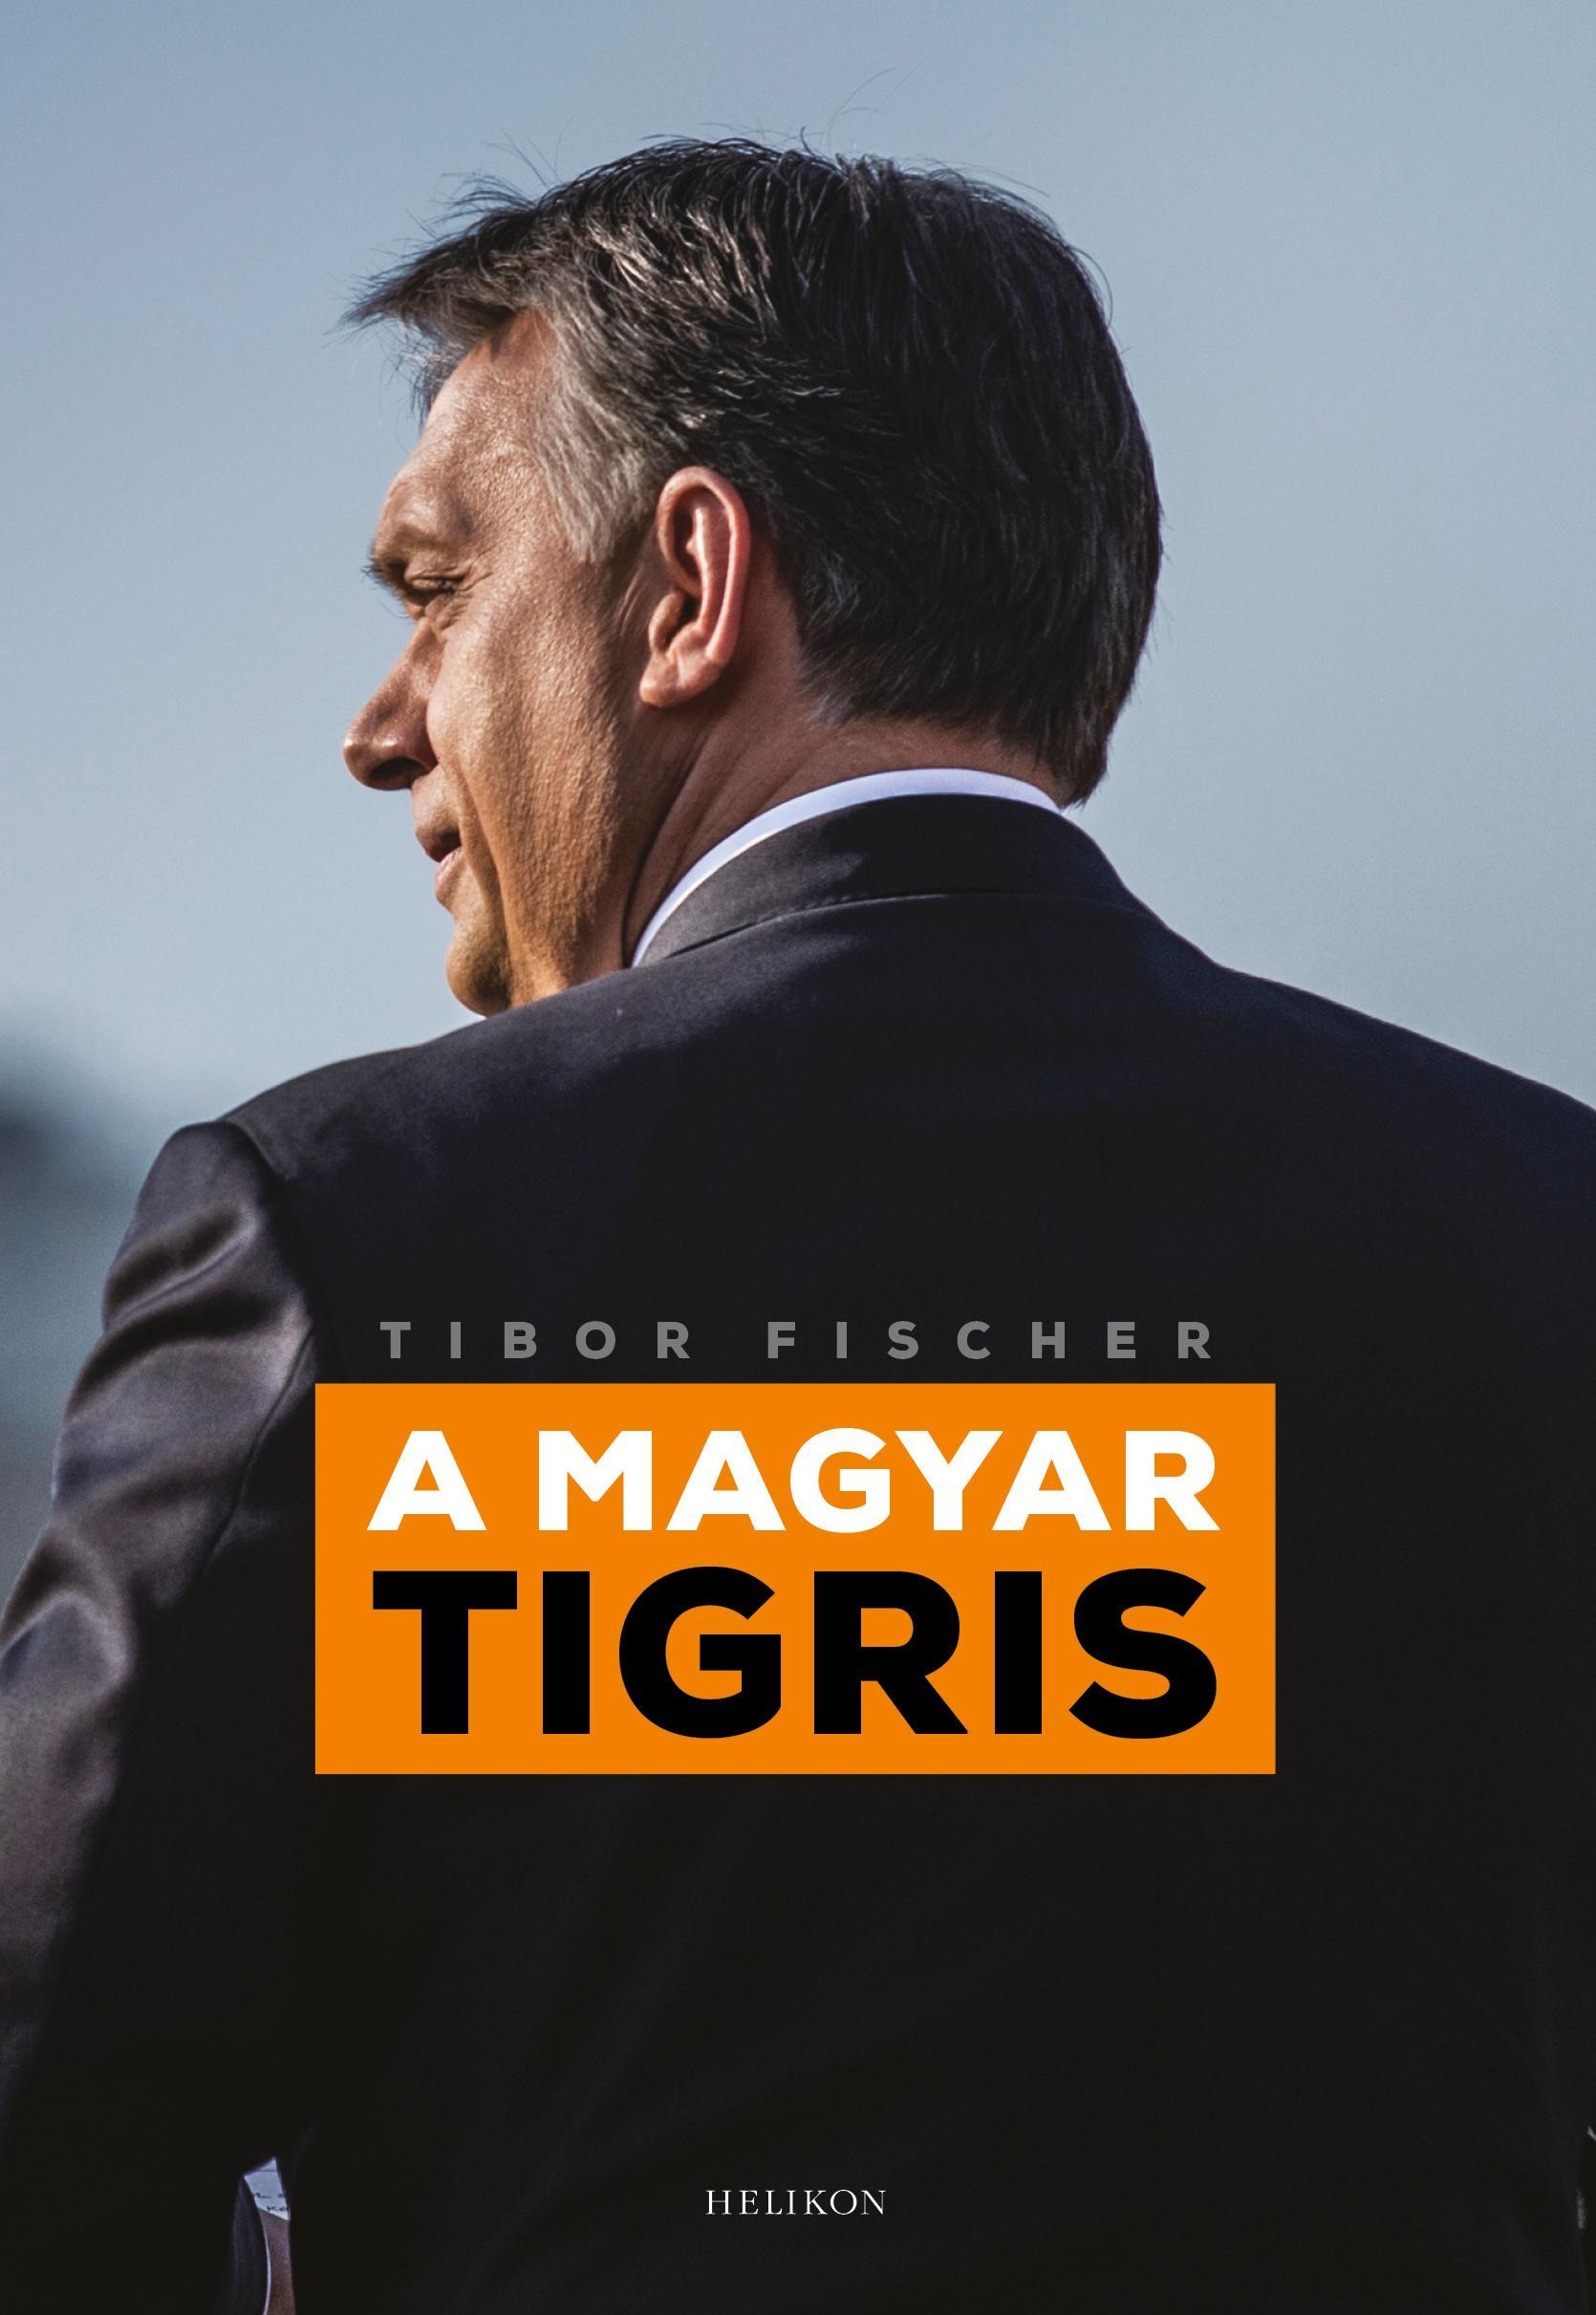 FISCHER, TIBOR - A MAGYAR TIGRIS